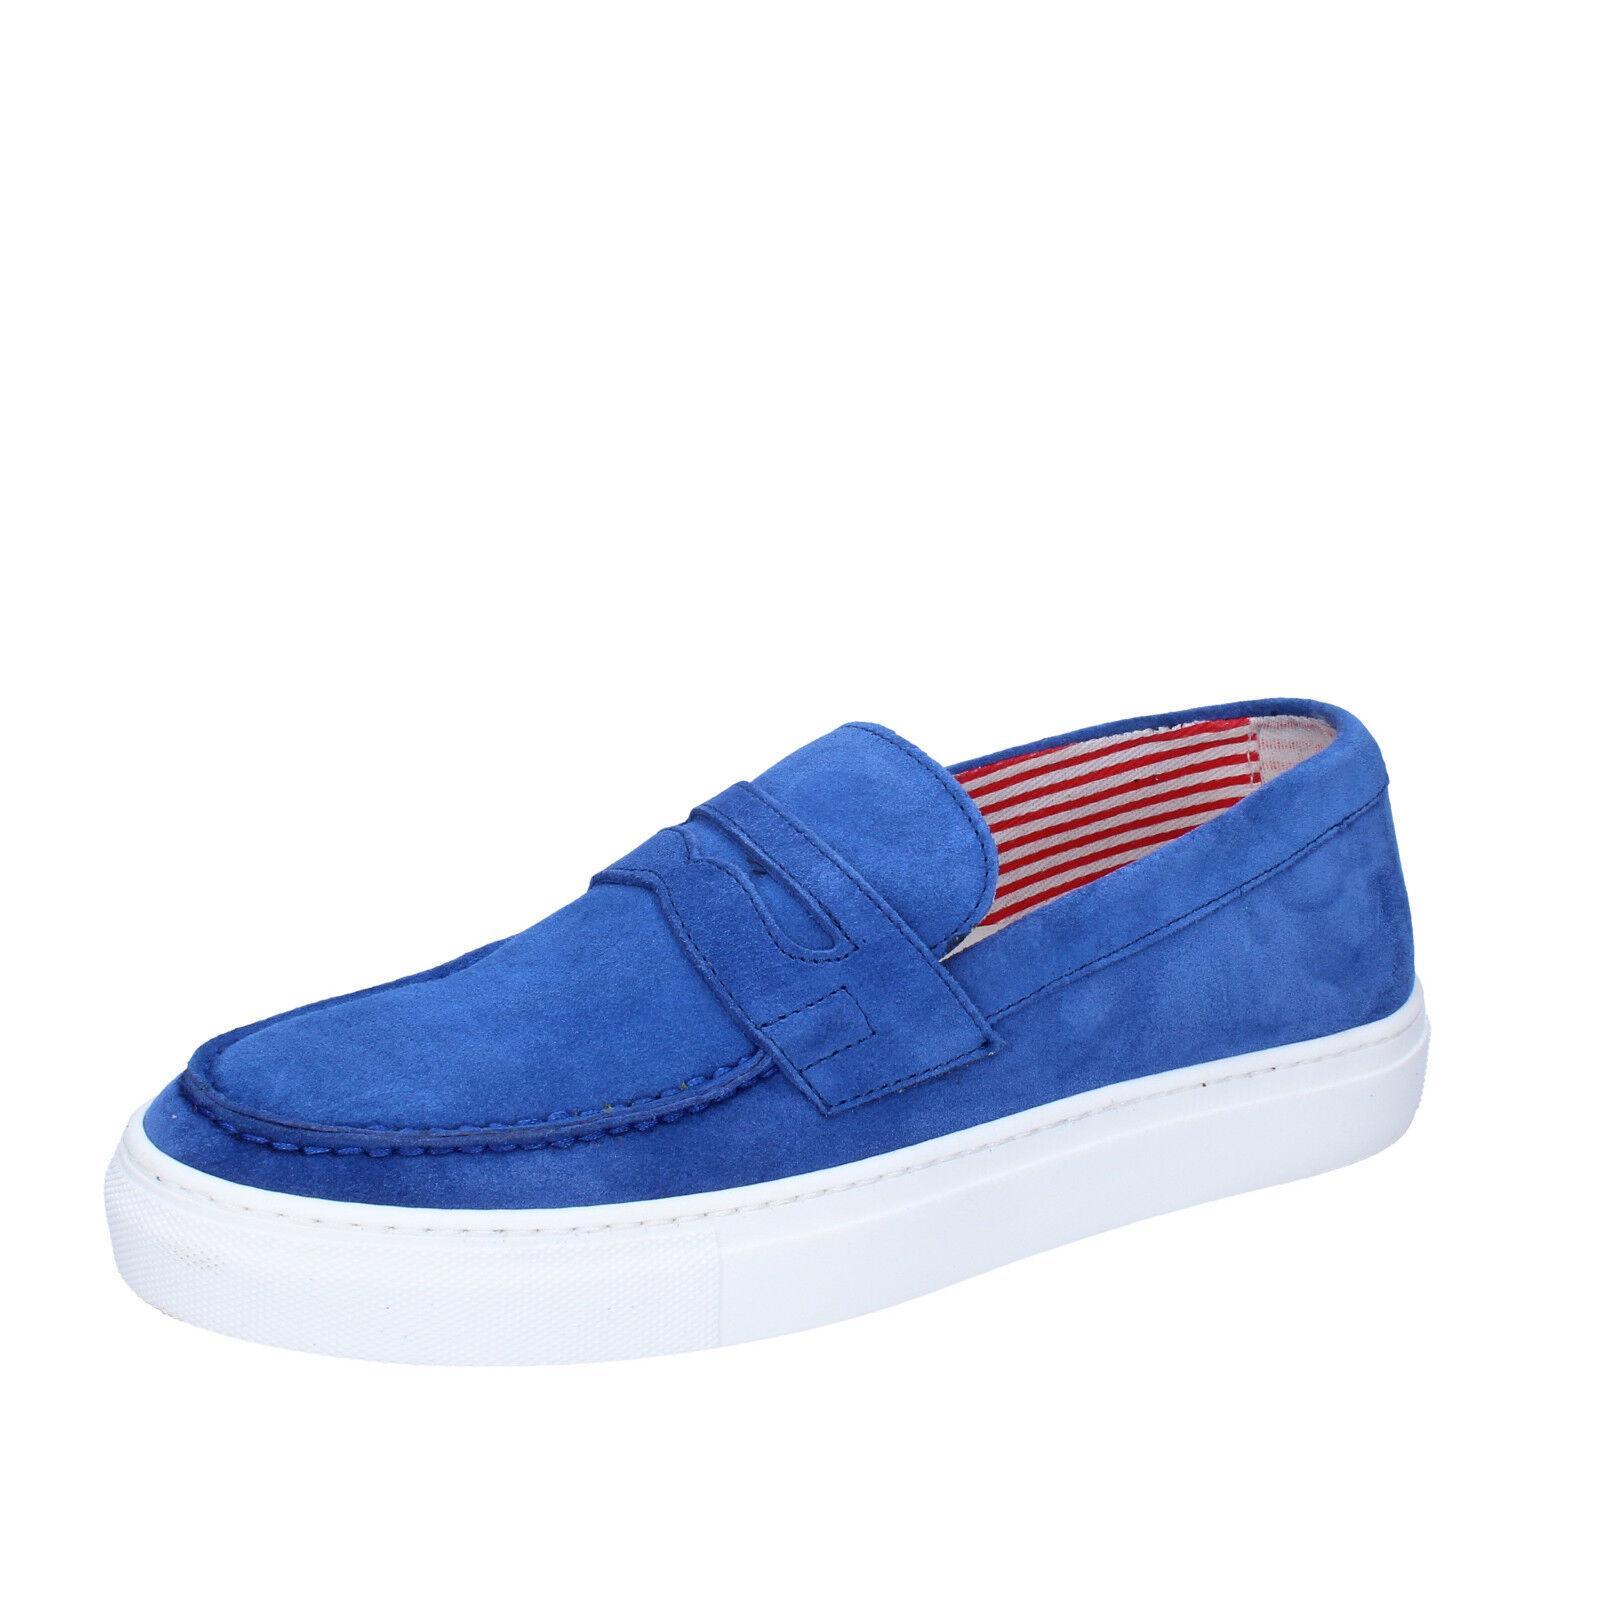 men's shoes DI MELLA 9 () loafers blue suede AB995-D